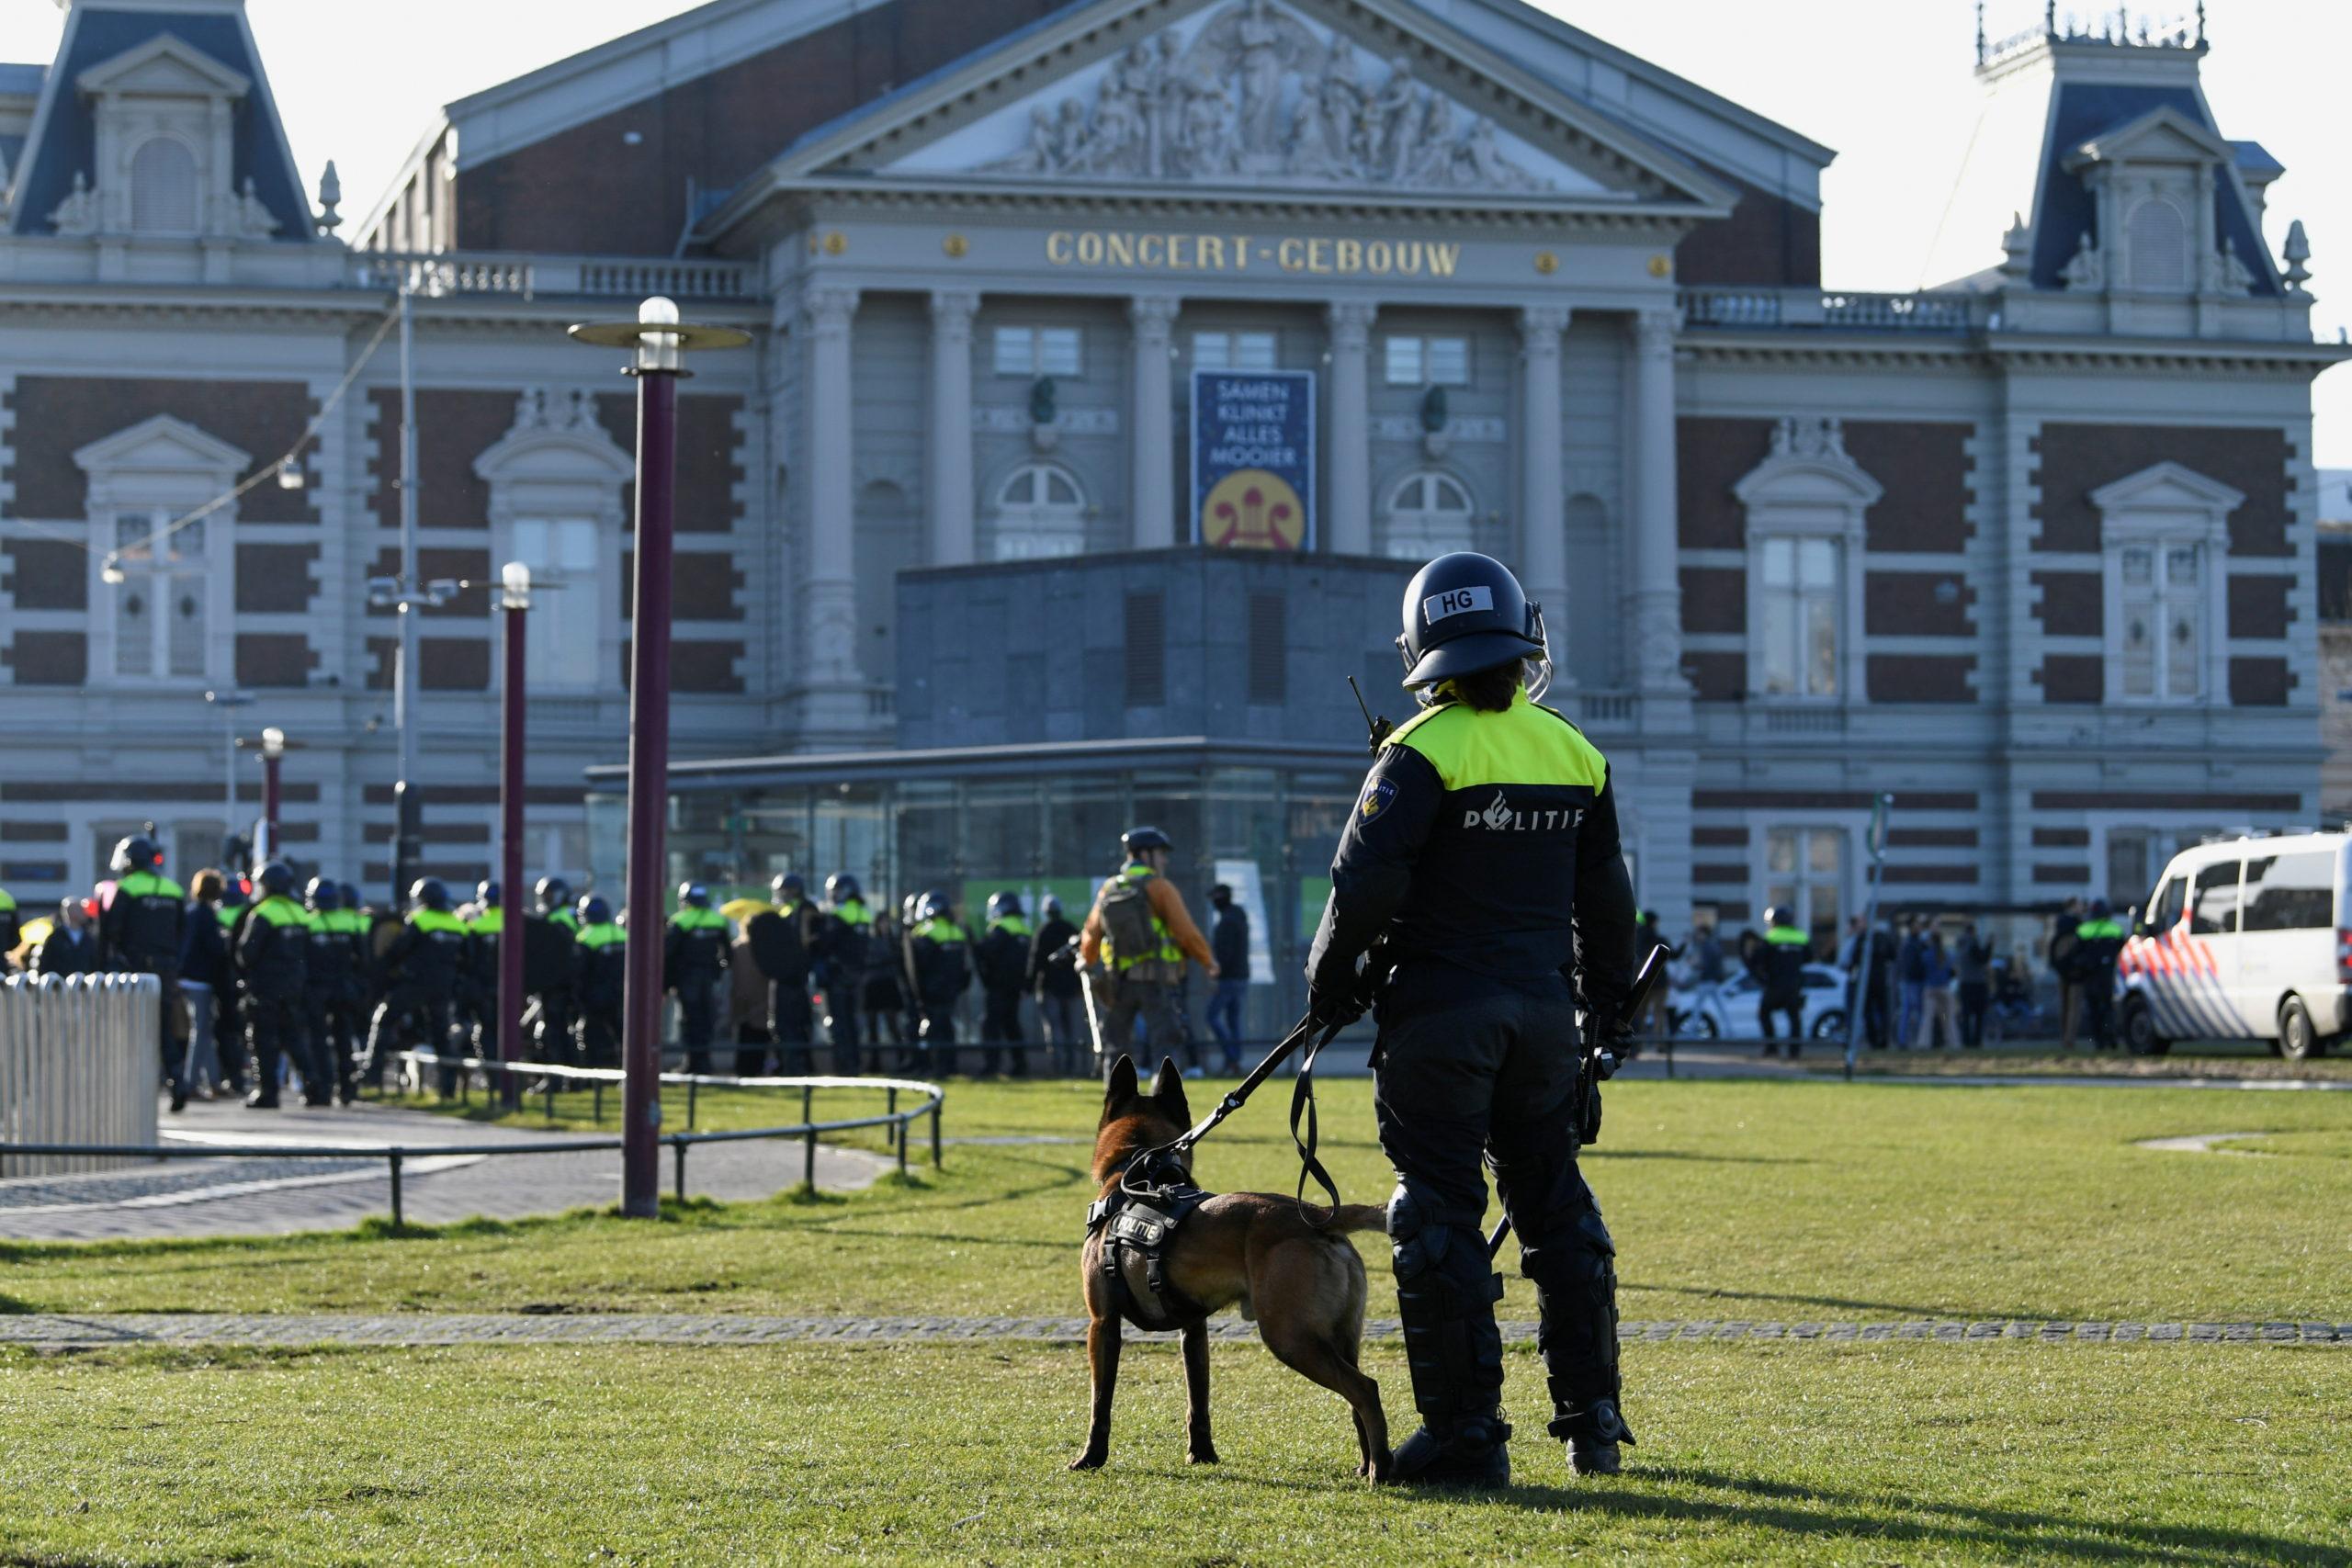 Les Pays-Bas allègent le confinement malgré la hausse des cas